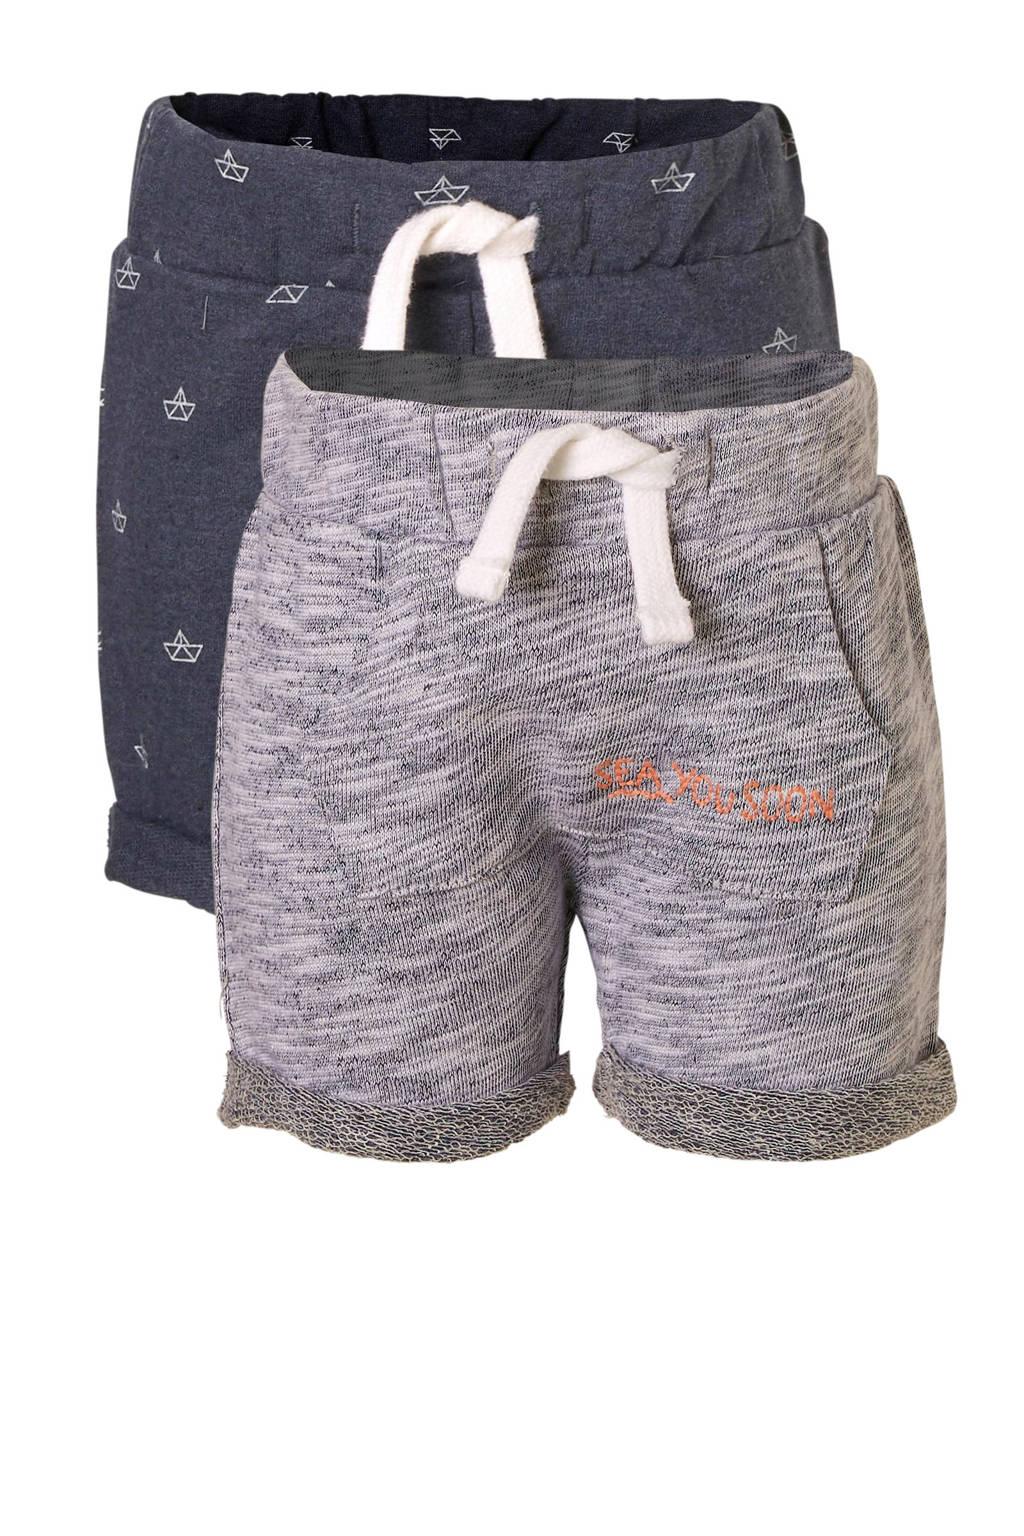 C&A Baby Club sweatshort met all over print grijs/donkerblauw, Grijs/donkerblauw